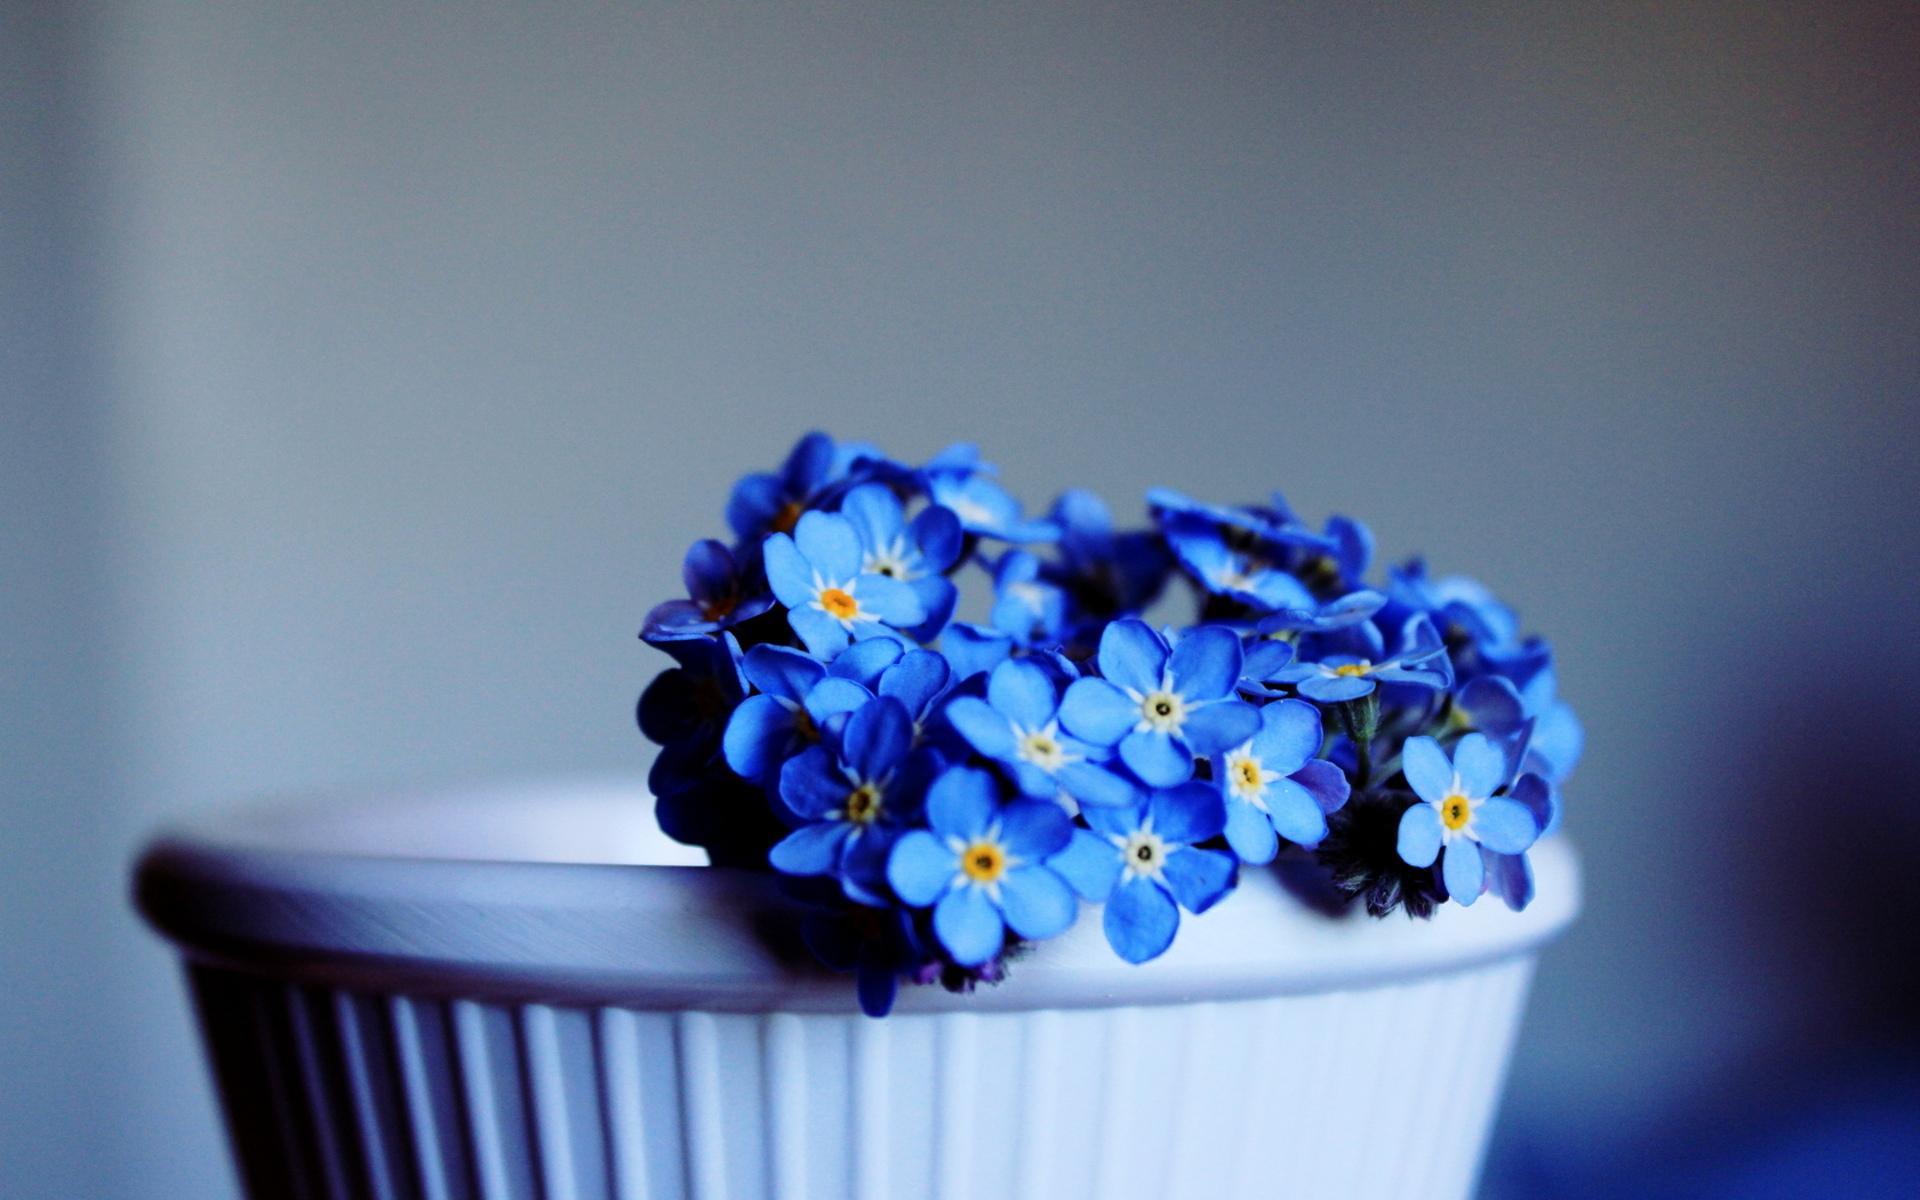 Цветы голубые незабудки  № 1334033 без смс